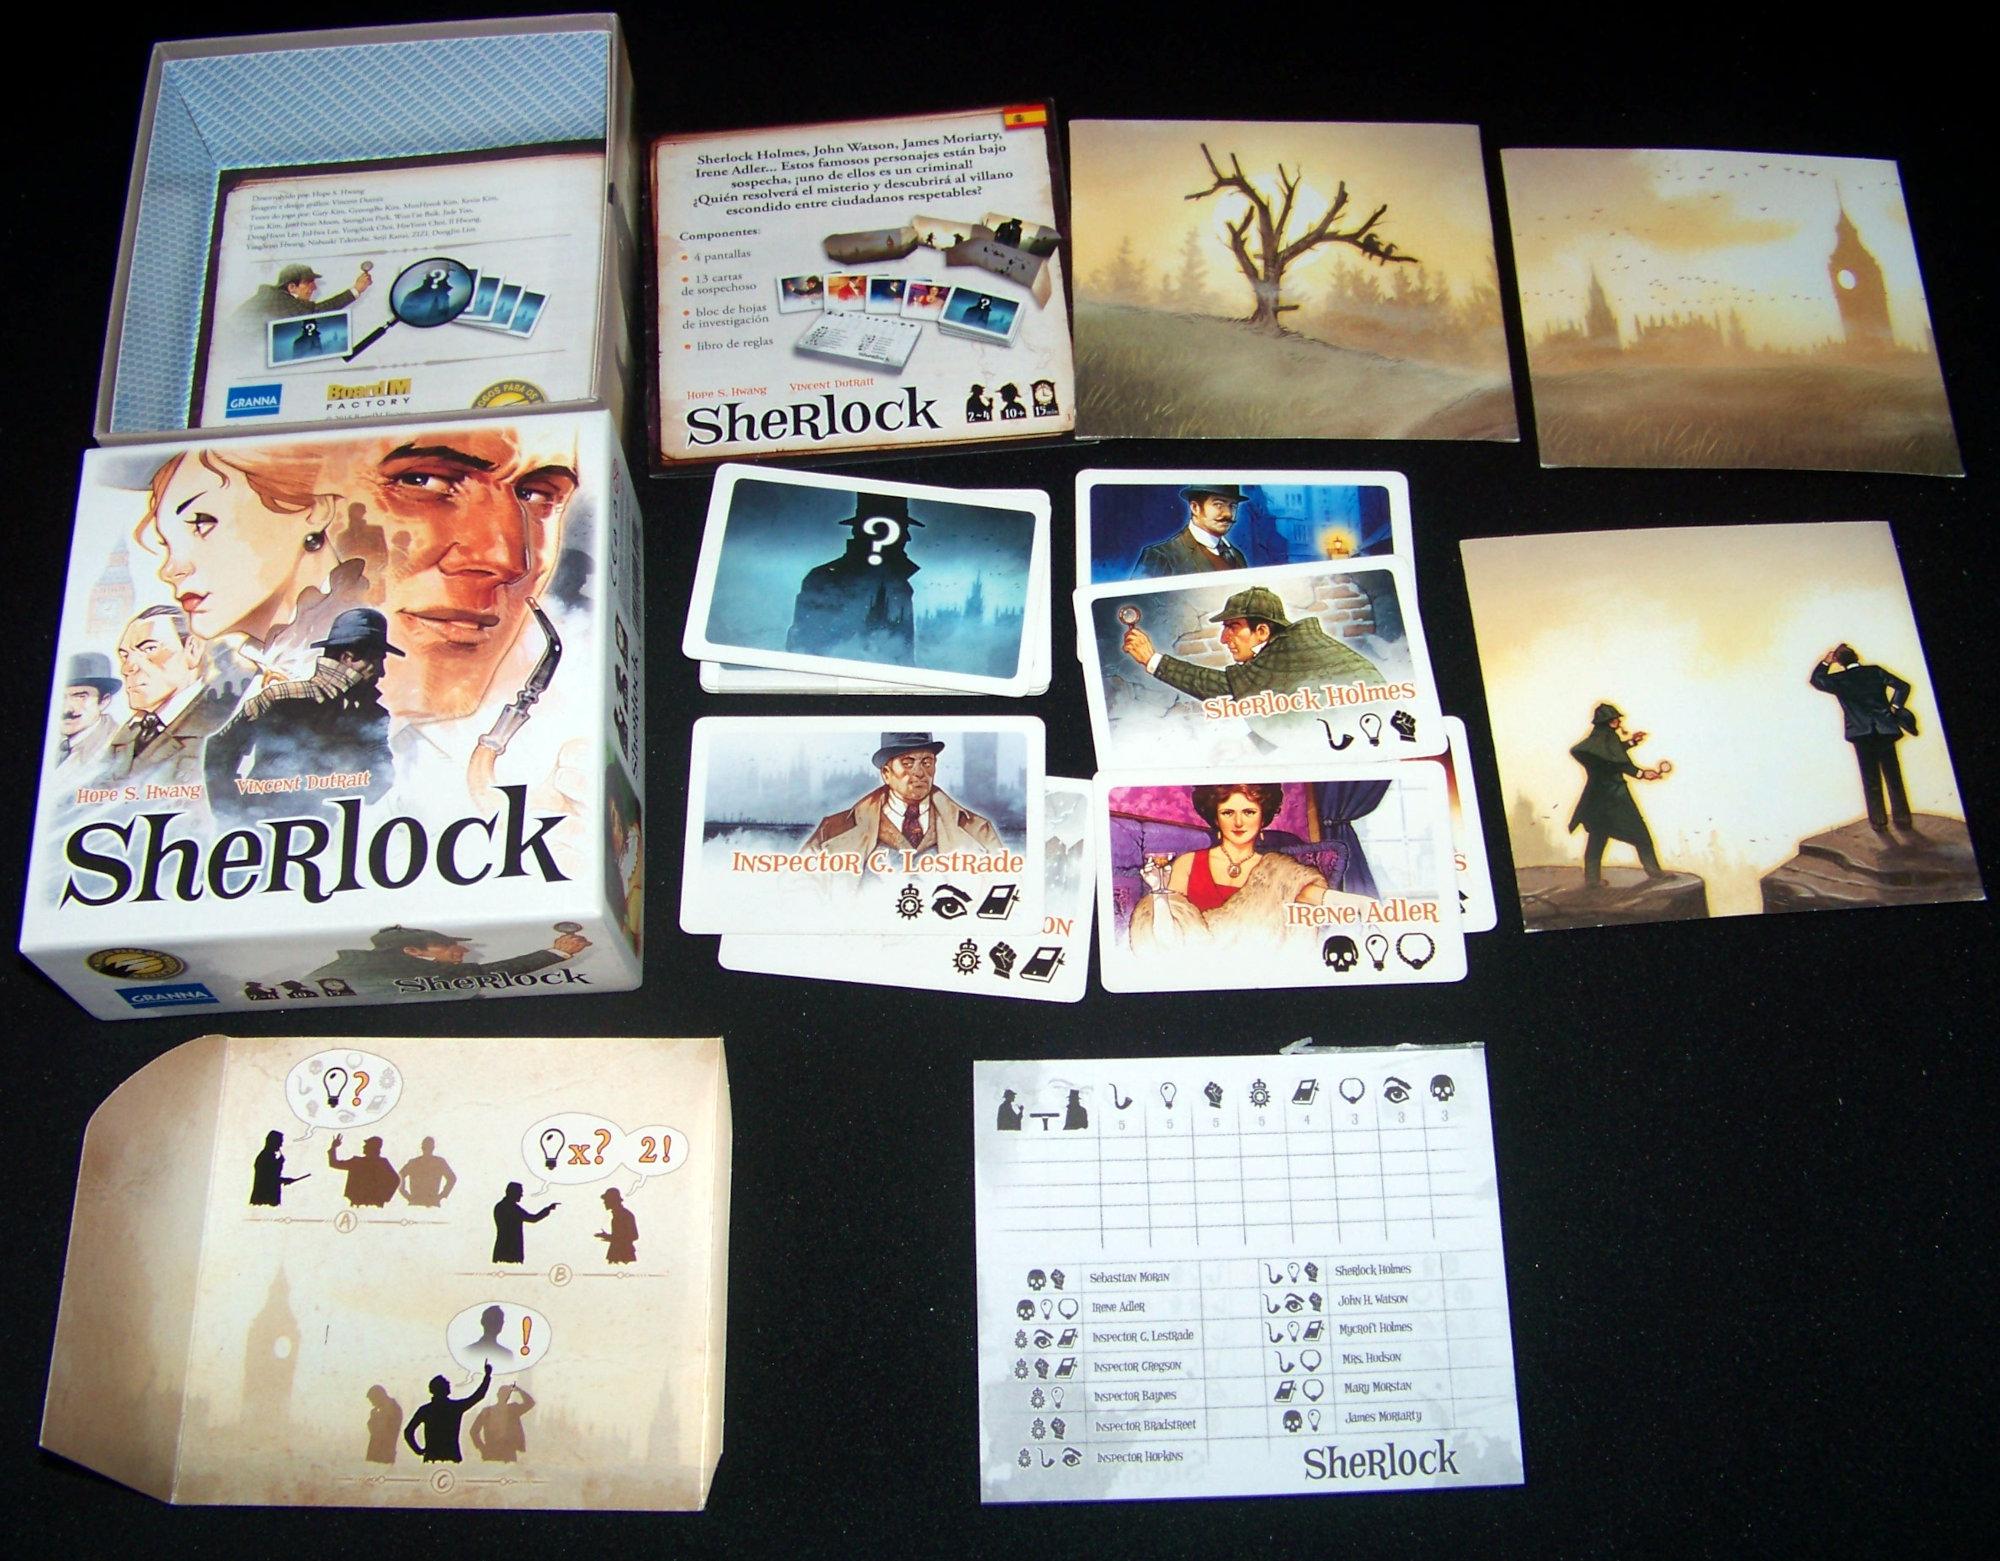 Contenido del juego Sherlock 13